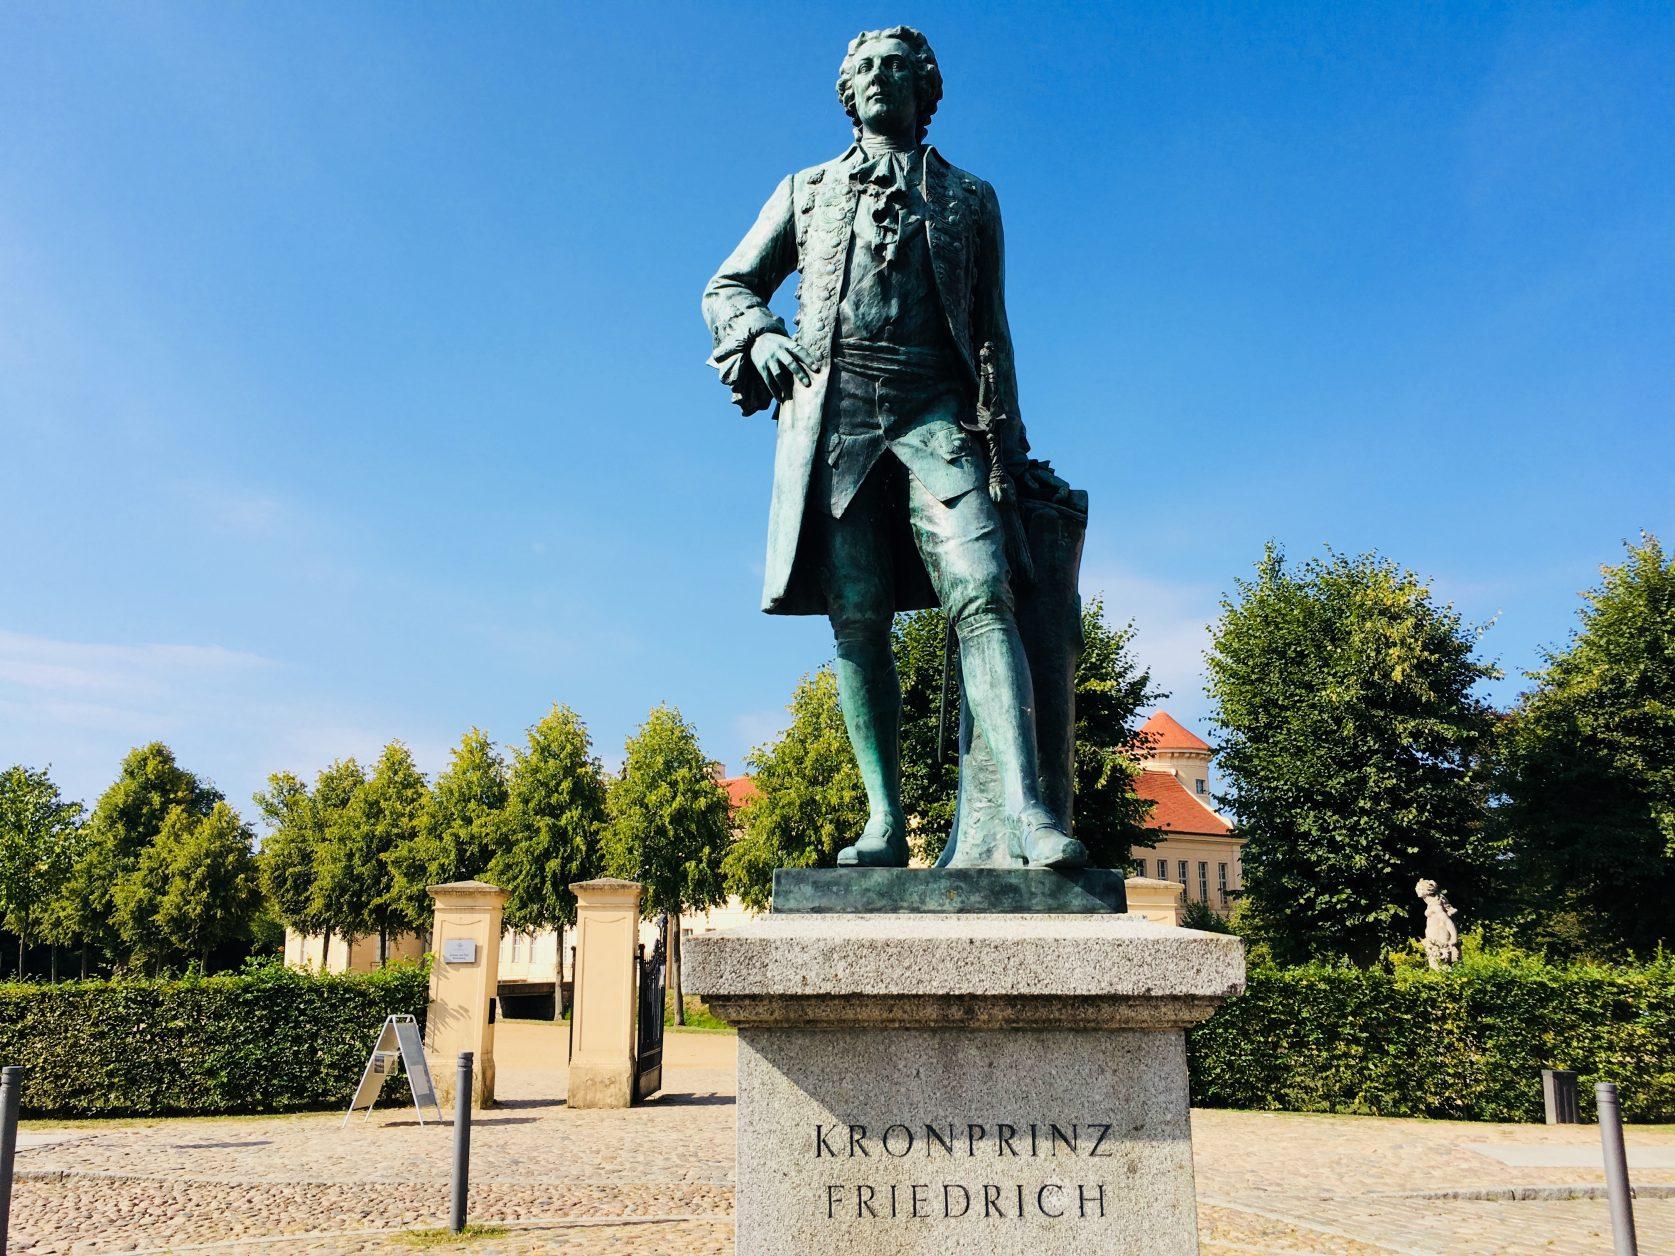 Dem Berliner Jürgen Graf ist es u.a. zu verdanken, das Kronprinz Friedrich wieder vor dem Schlosseingang steht, Foto: Weirauch